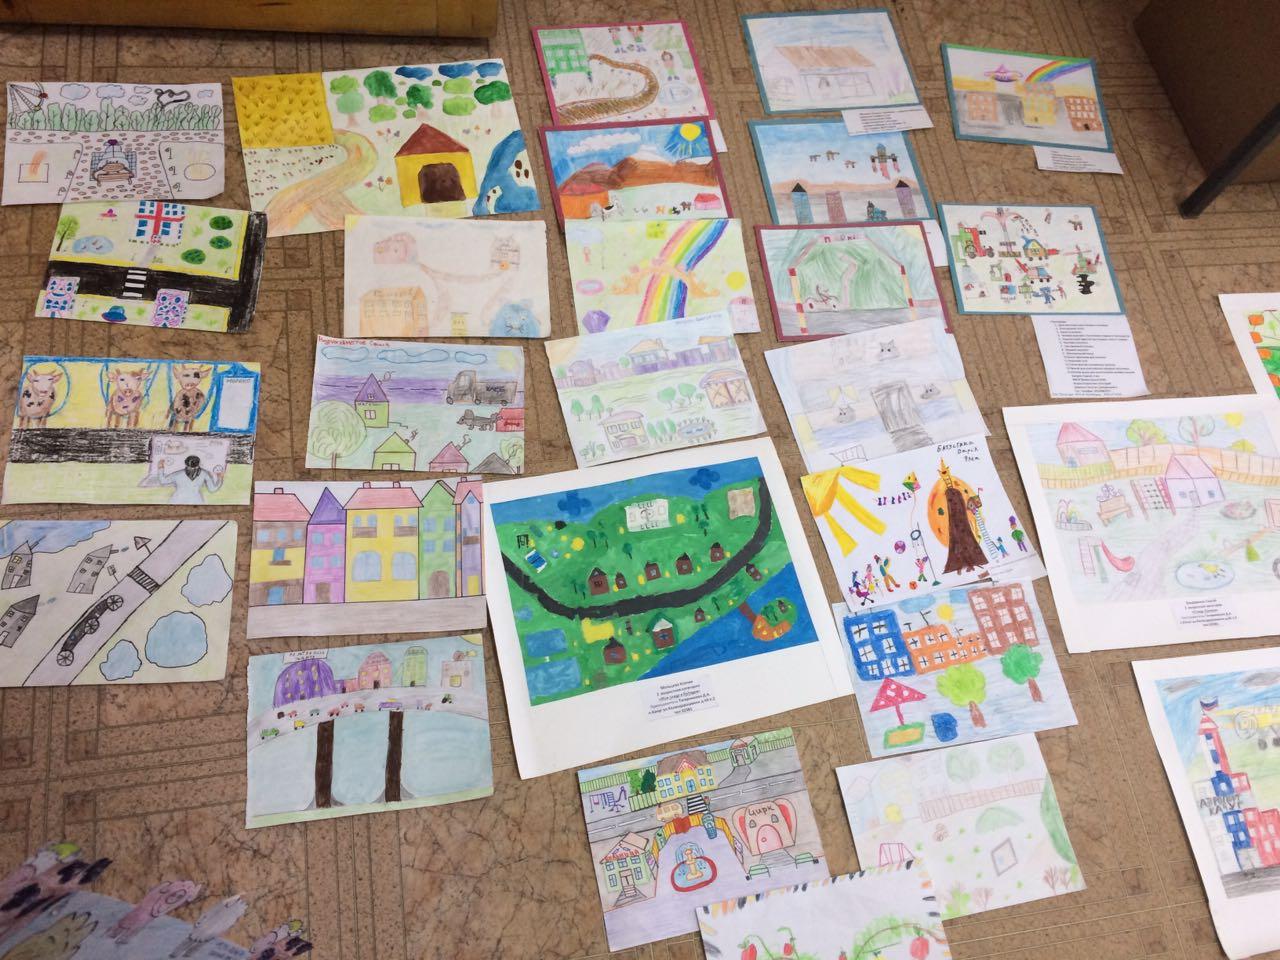 Подведены итоги районного конкурса рисунков «Село будущего глазами ребенка»